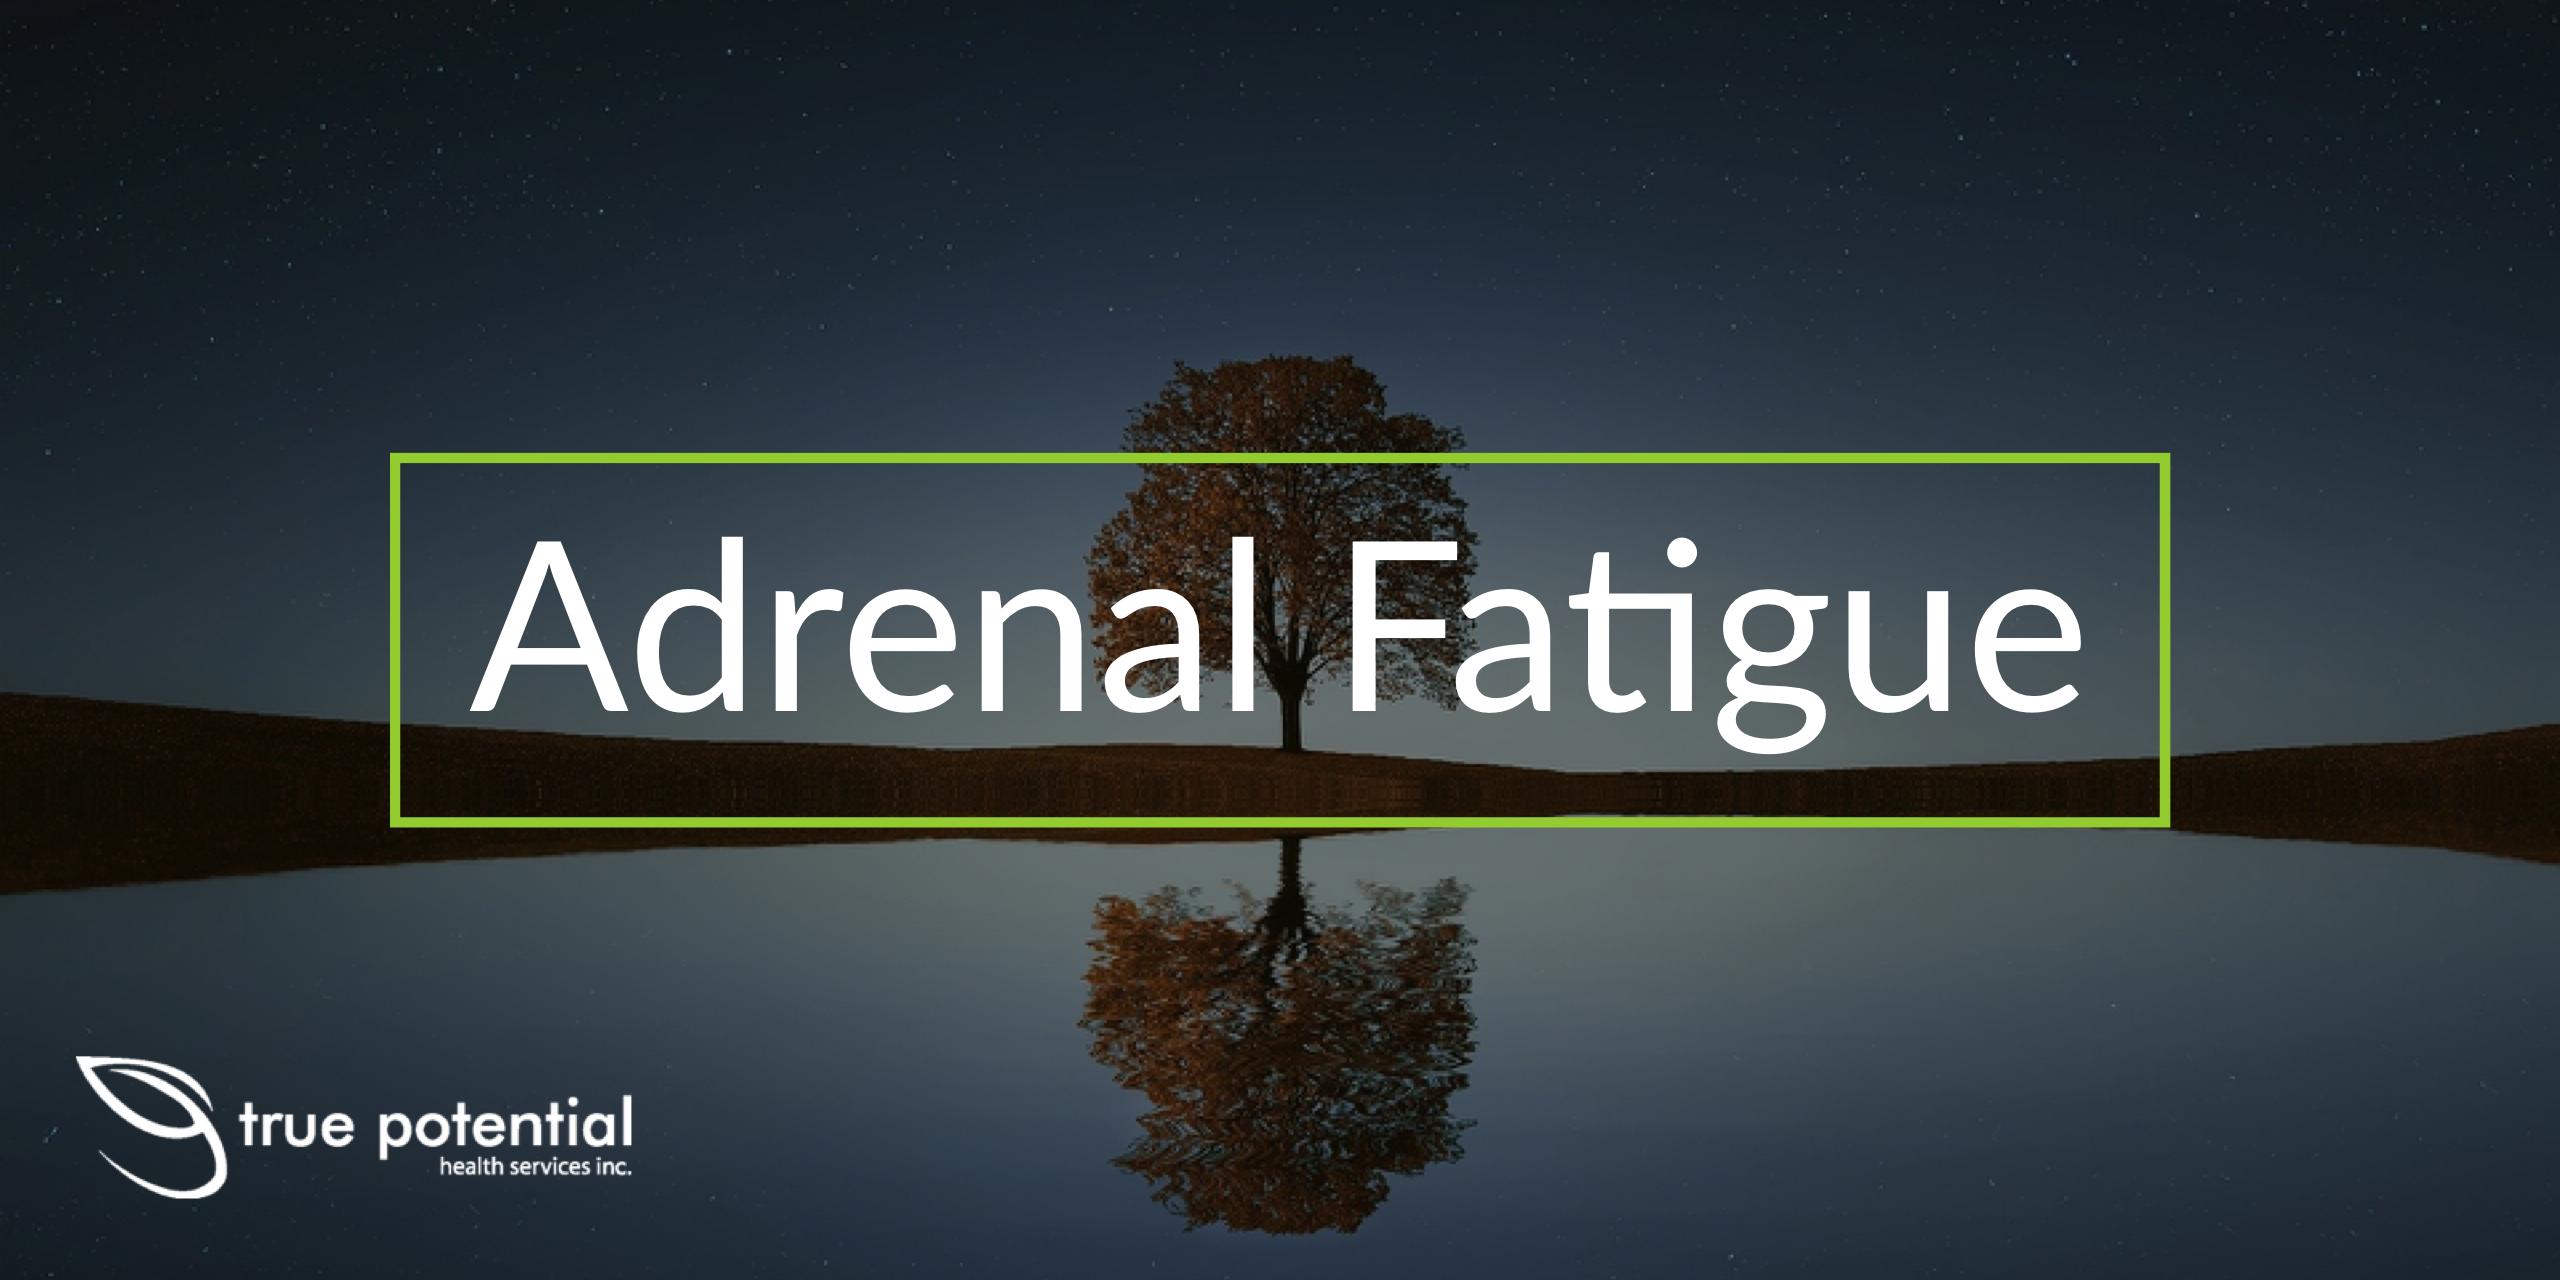 do i have adrenal fatigue